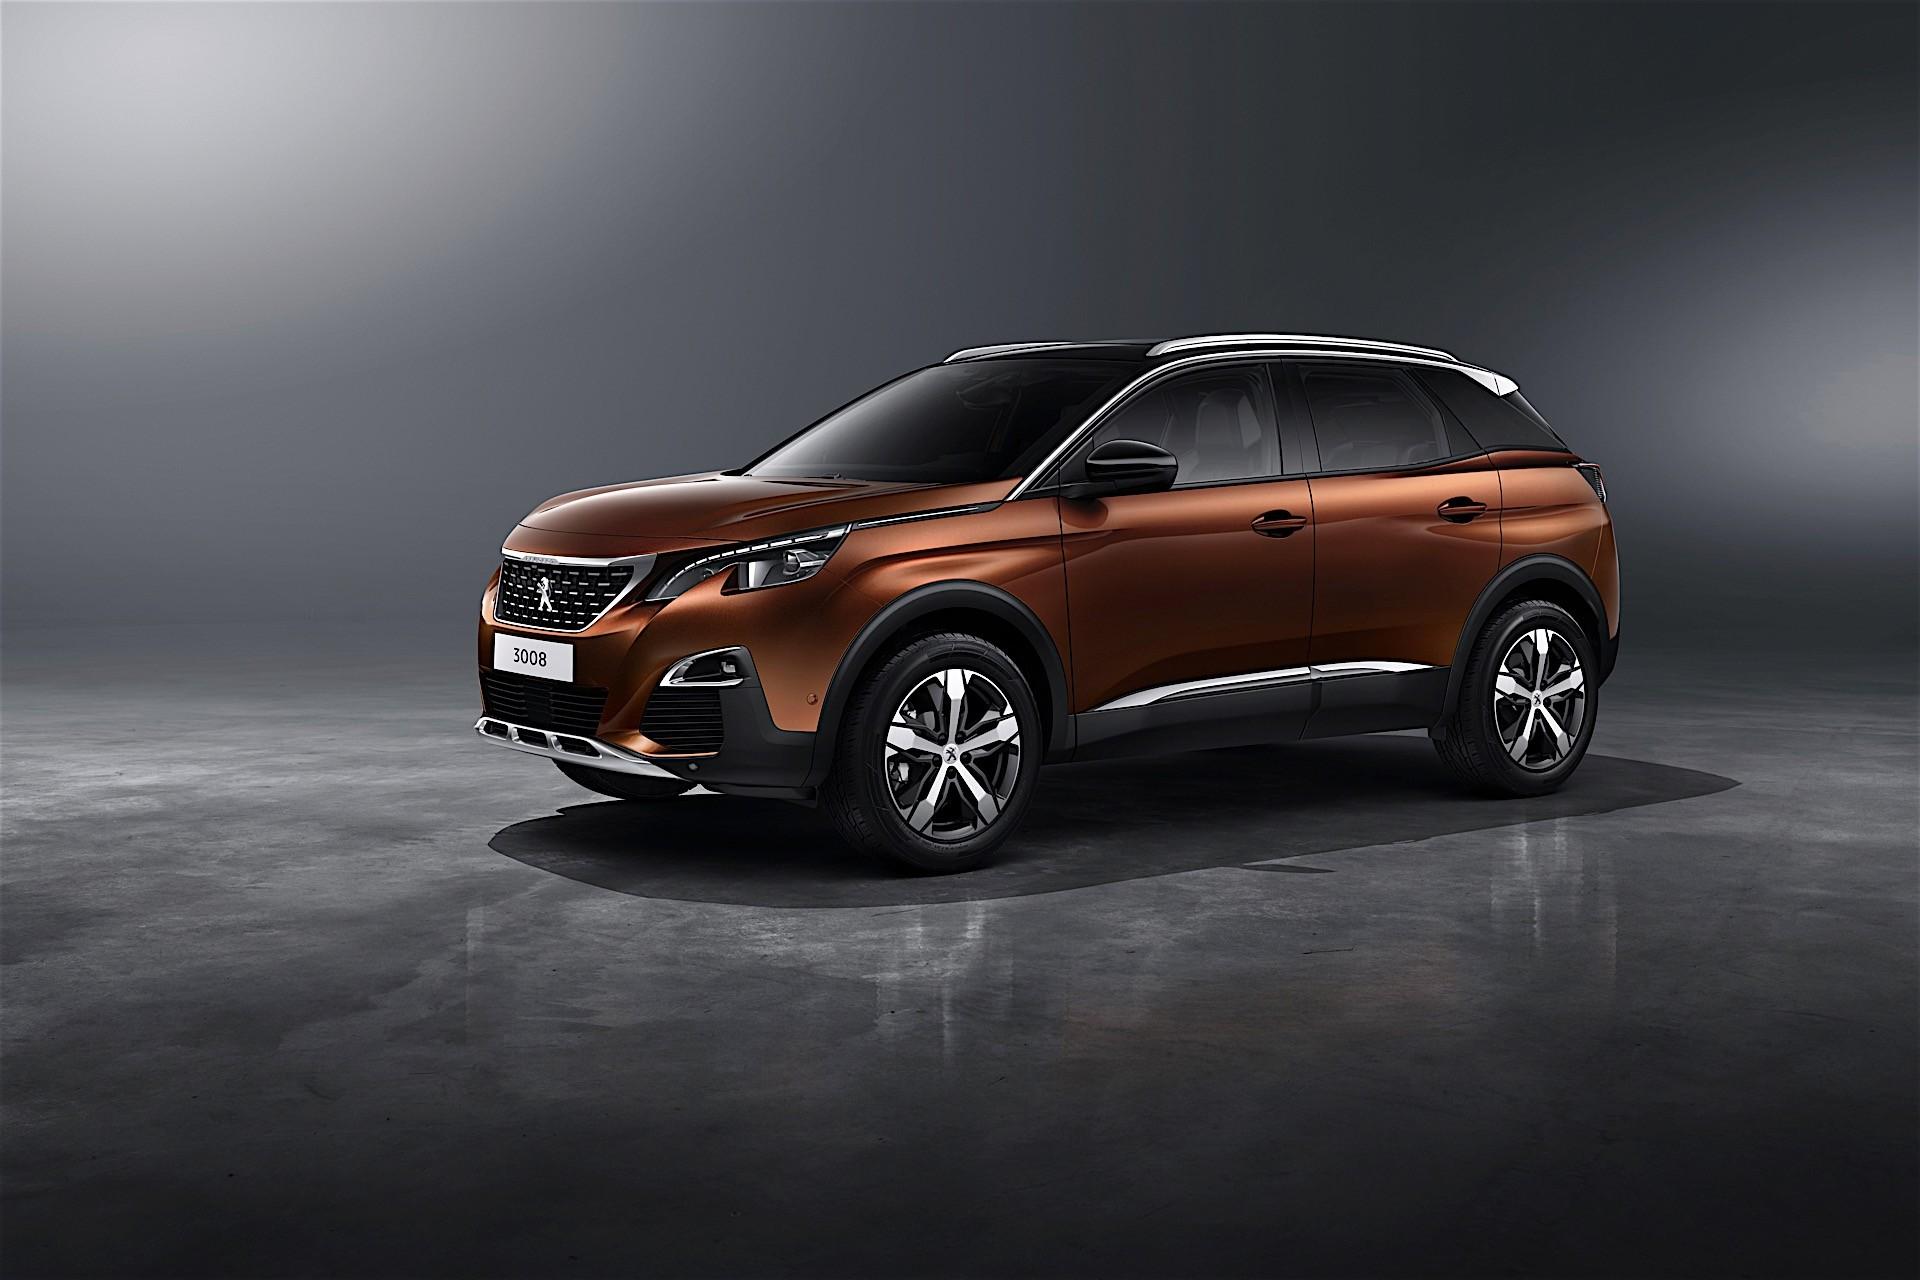 Psa Peugeot Citroen : psa peugeot citroen will test fully autonomous vehicles in singapore autoevolution ~ Medecine-chirurgie-esthetiques.com Avis de Voitures